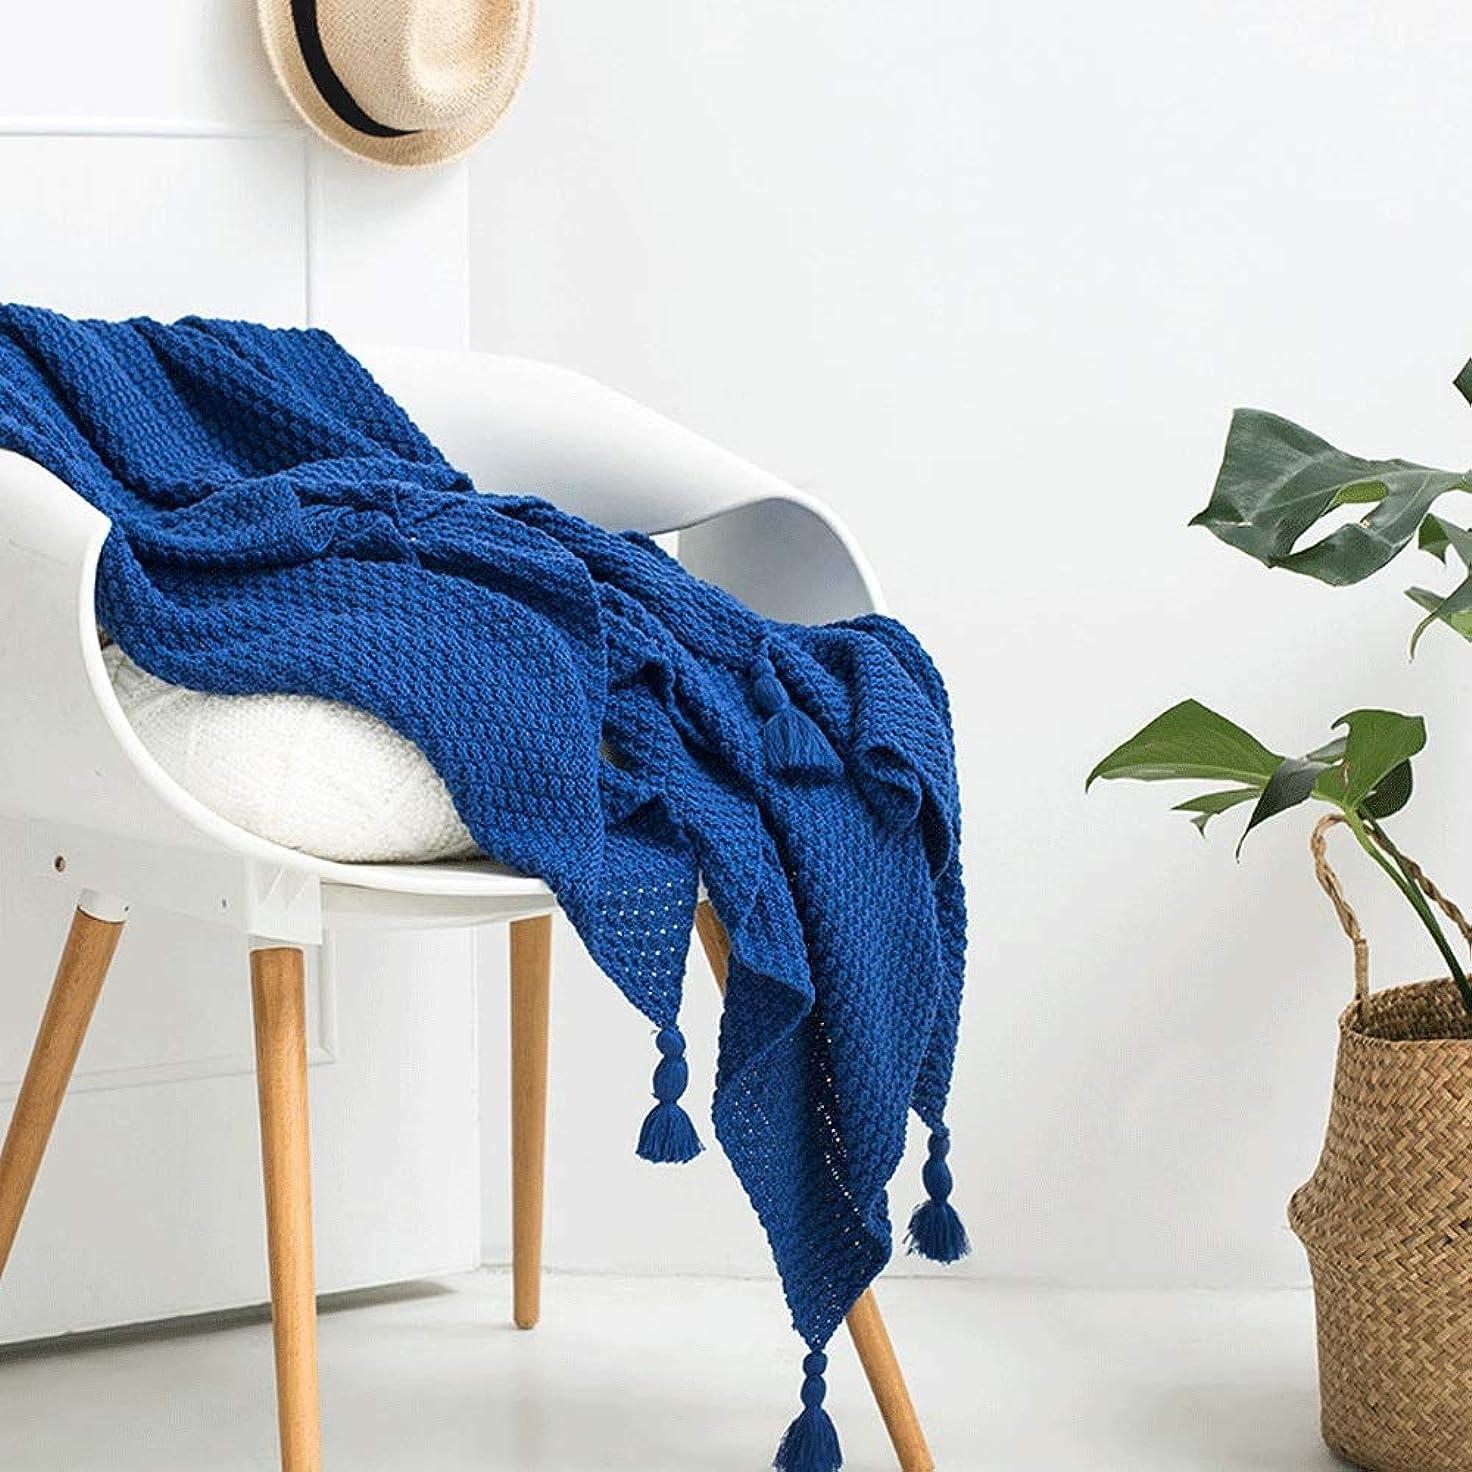 シャーロットブロンテ許さないジョブソフトカウチ毛布 カジュアルニットタッセル投球毛布多機能毛布オフィス昼寝毛布 ルームベッドルームビーチトラベル (Color : Blue, Size : 130cmx170cm)